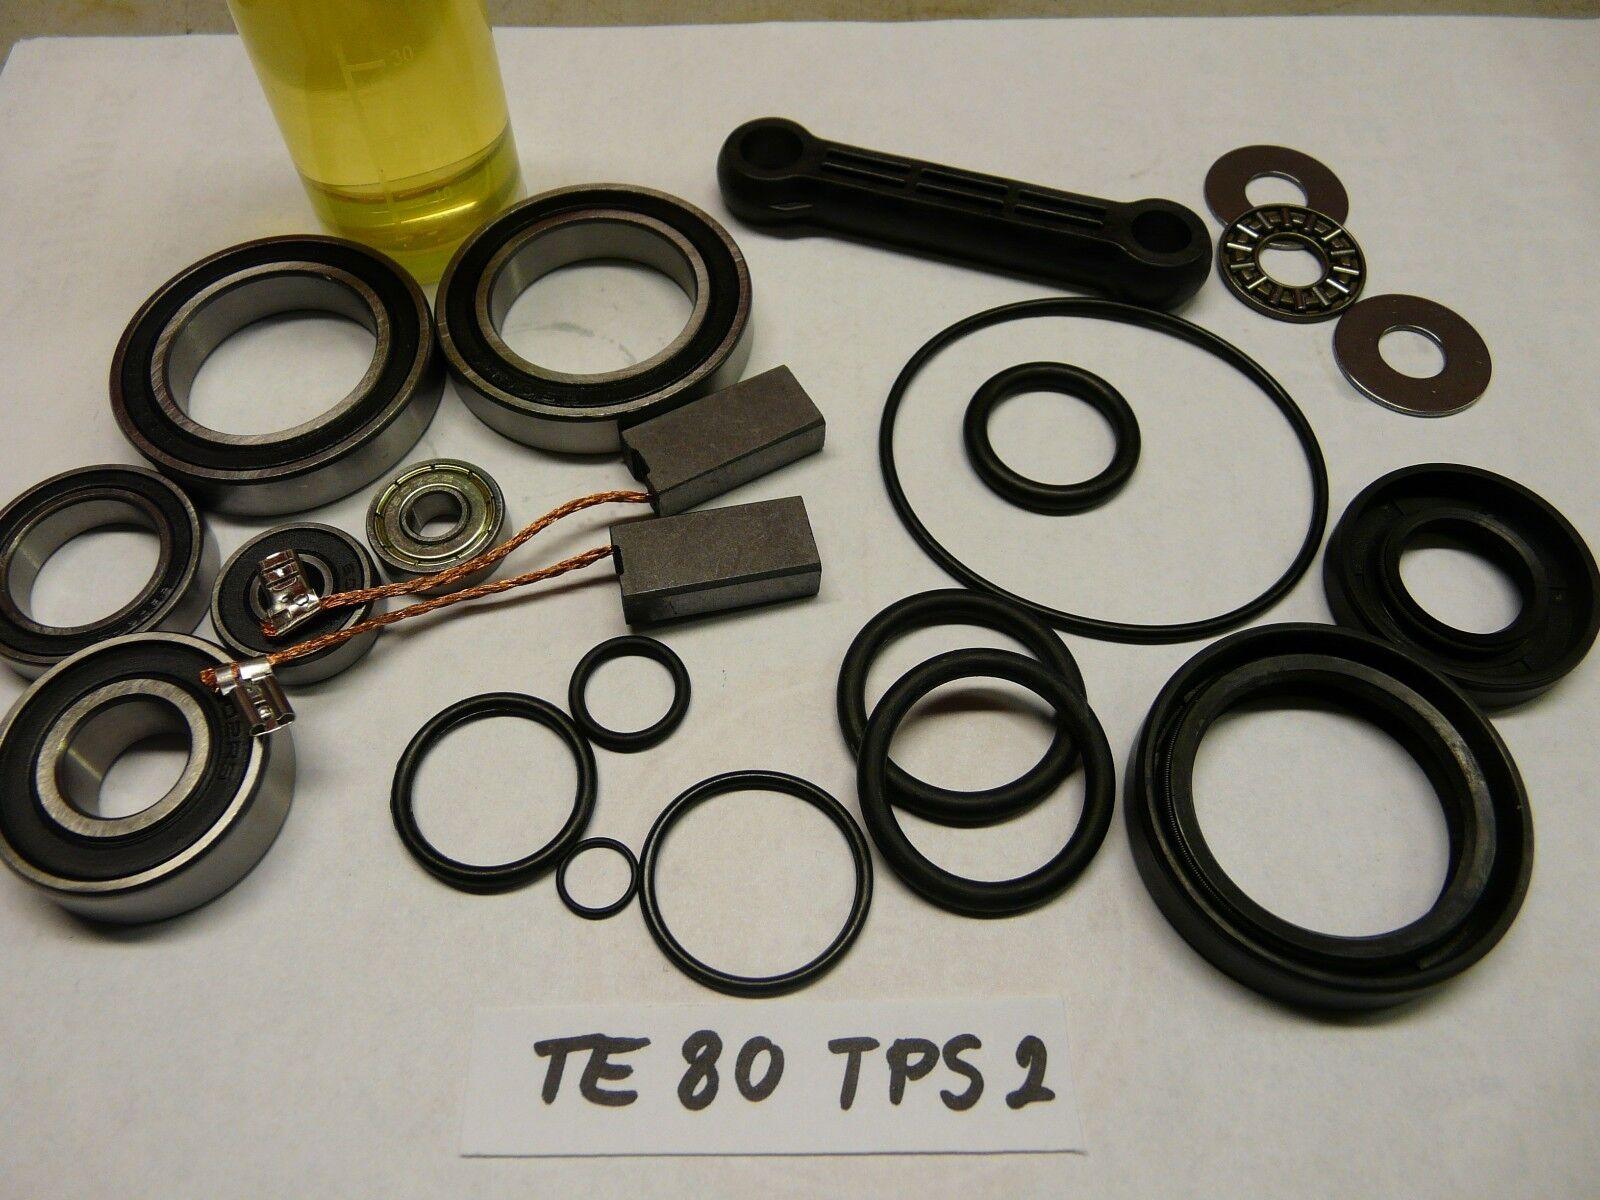 Hilti TE 80 TPS (02), Reparatursatz, Verschleissteilesatz mit Pleuel